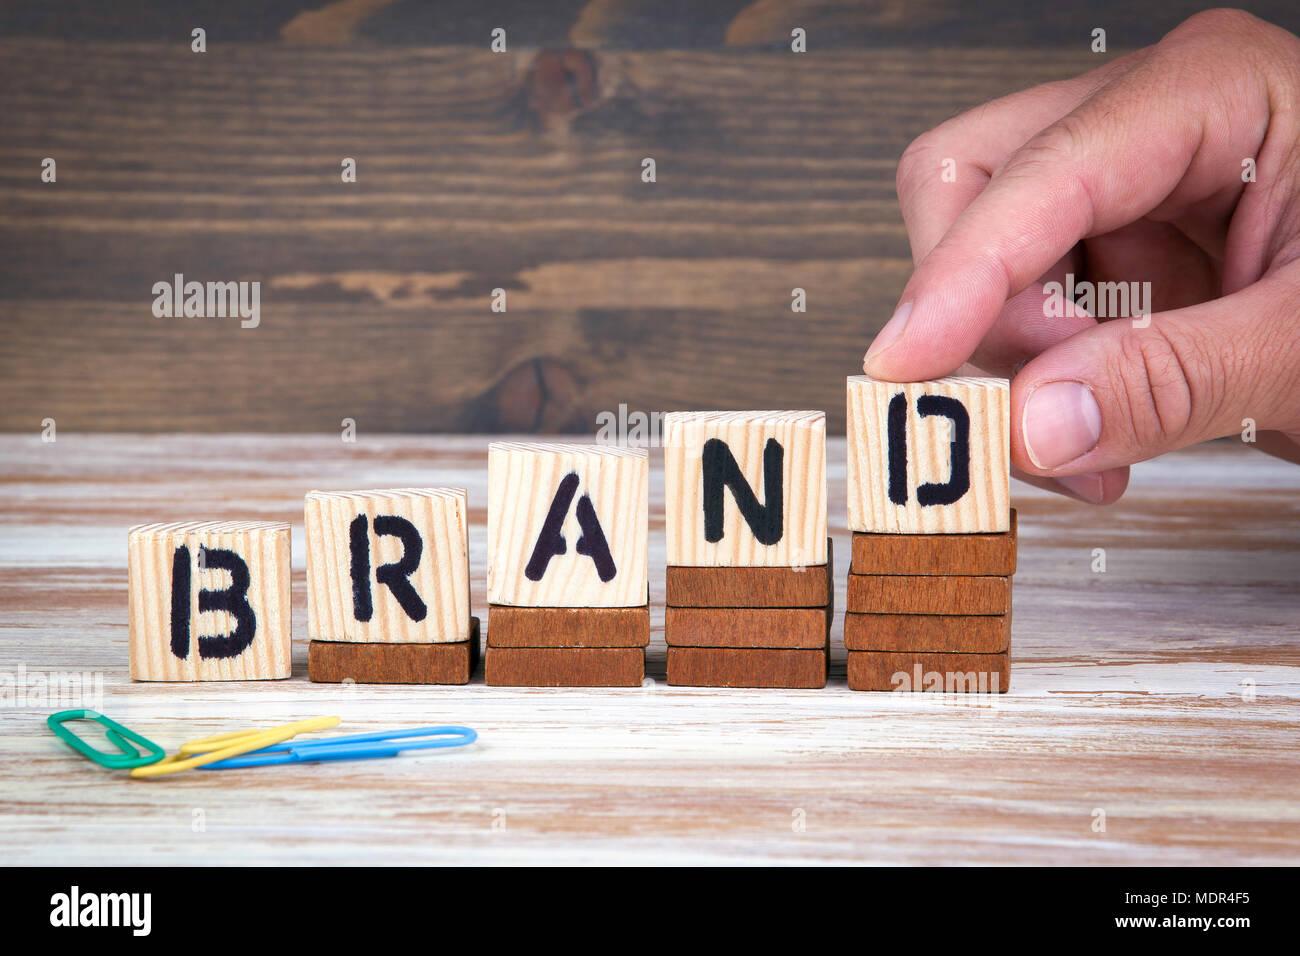 Marke Konzept. Holz- Buchstaben auf dem Schreibtisch, informative und Kommunikation Hintergrund Stockbild